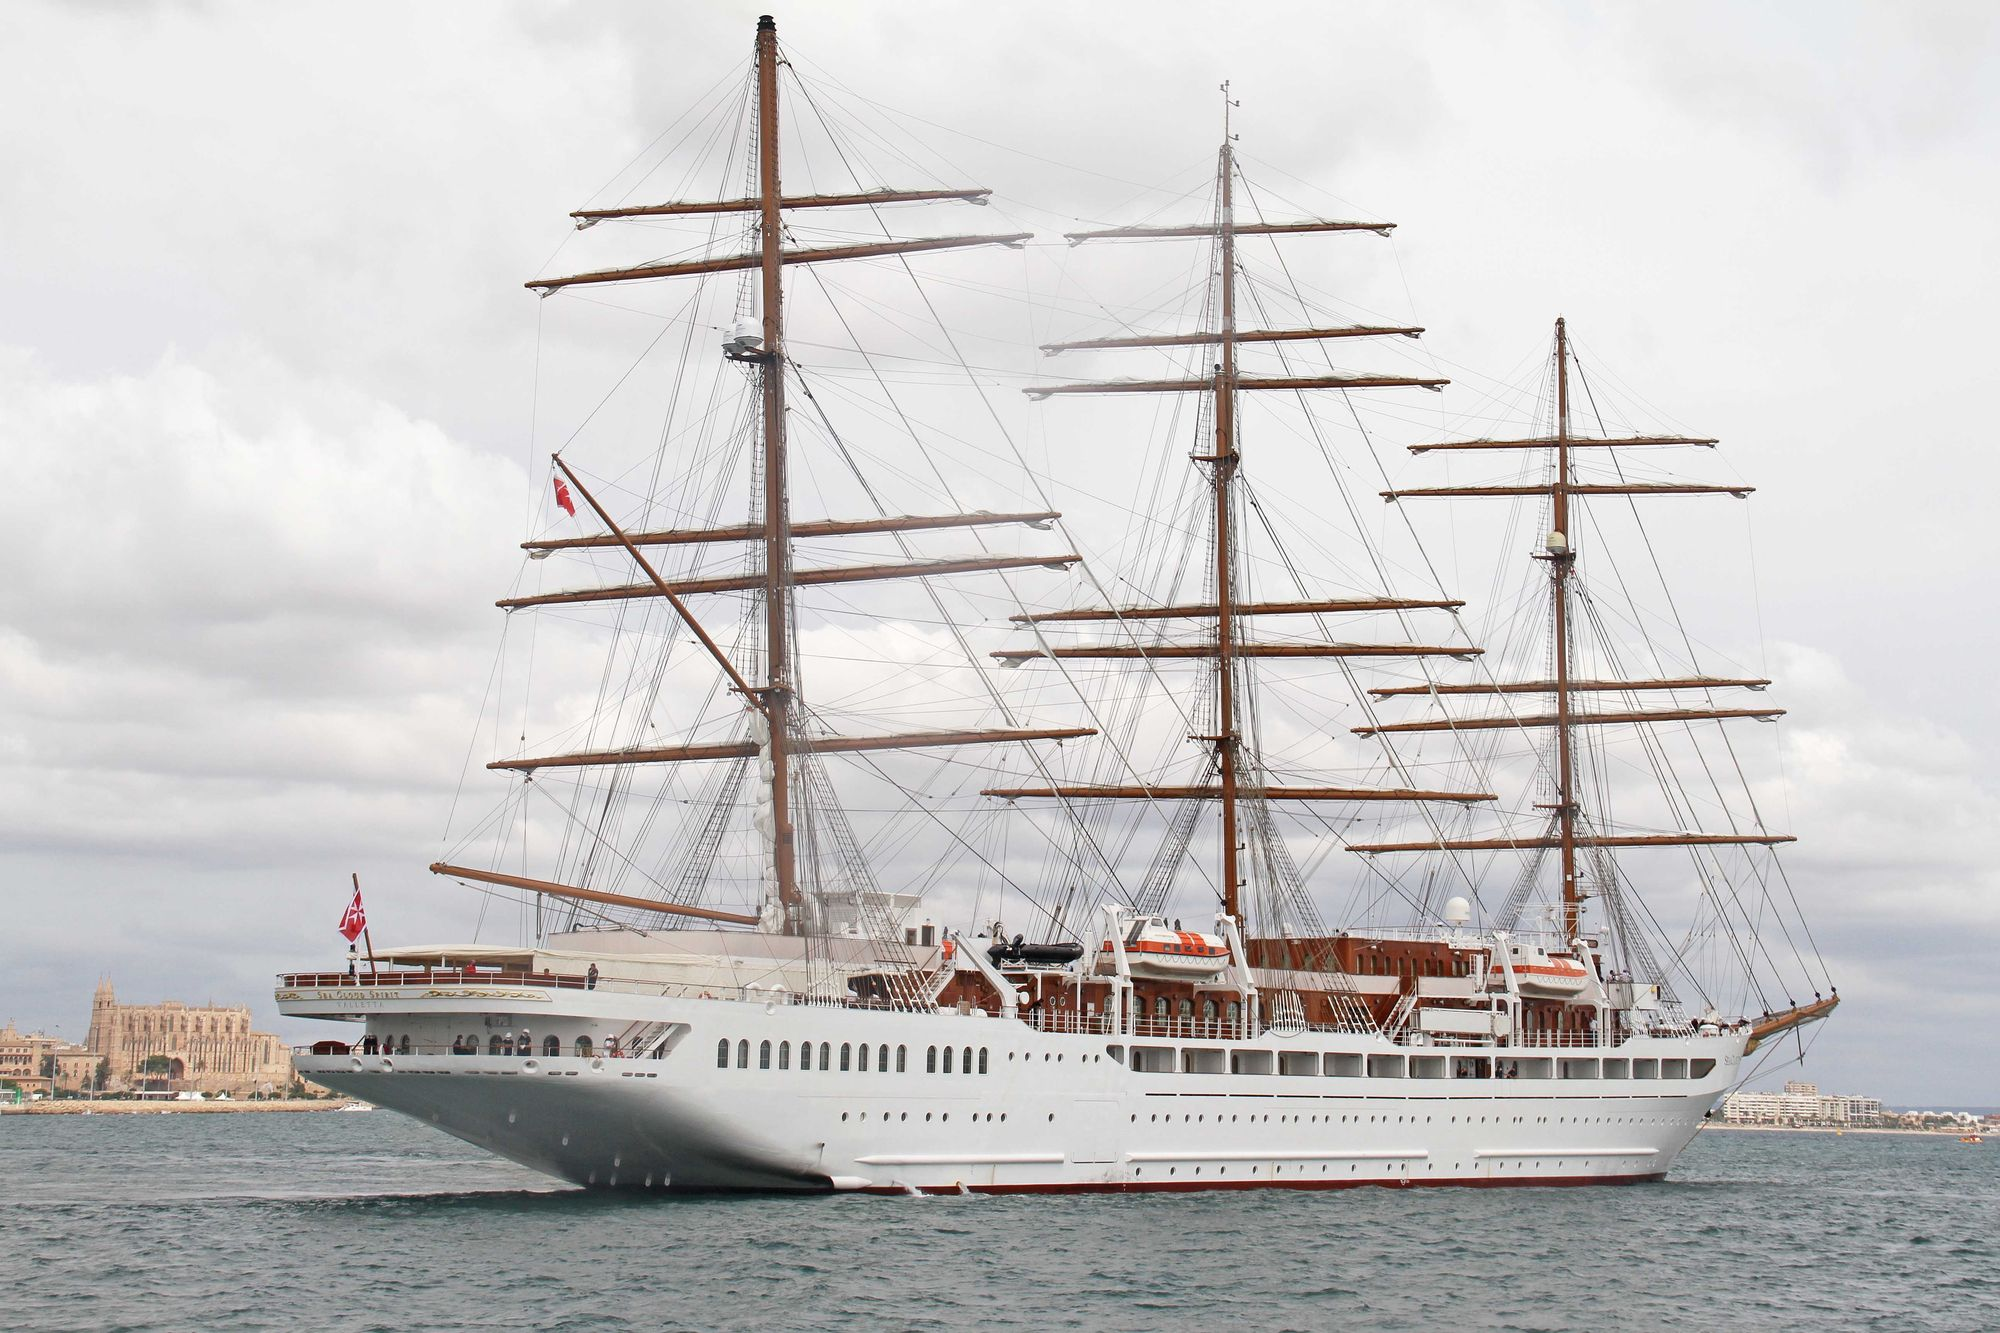 Llega a Palma el 'Sea Cloud Spirit', la joya de los mares amadrinada por la infanta Elena